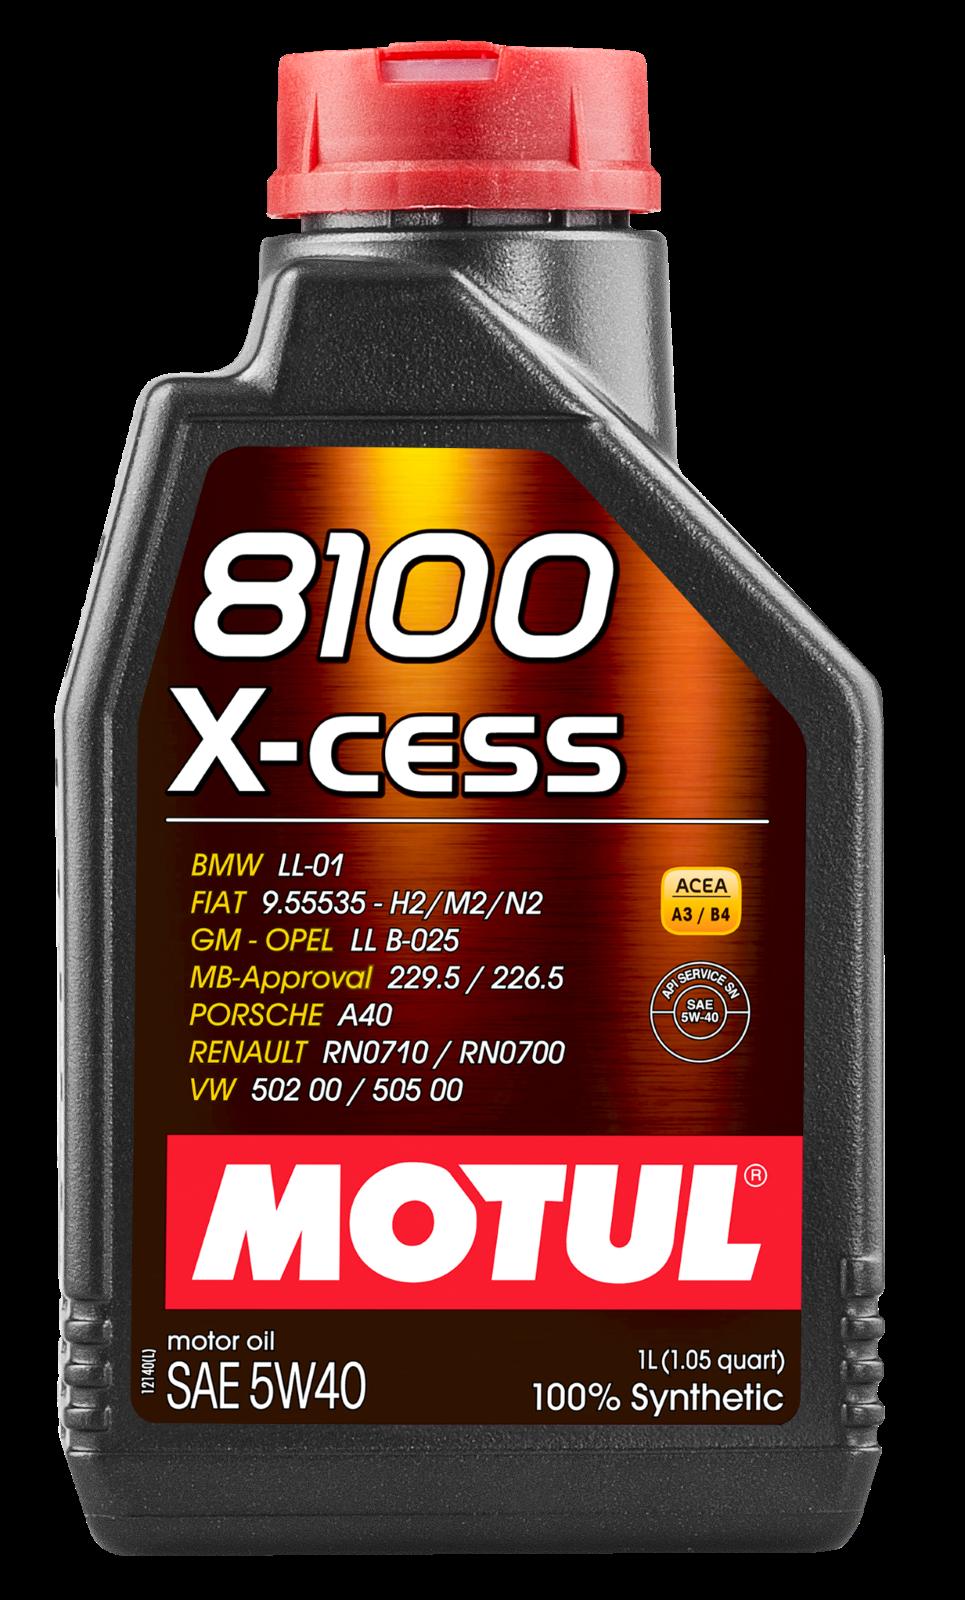 MOTUL AG MOTUL 8100 X-cess 5W-40 1L